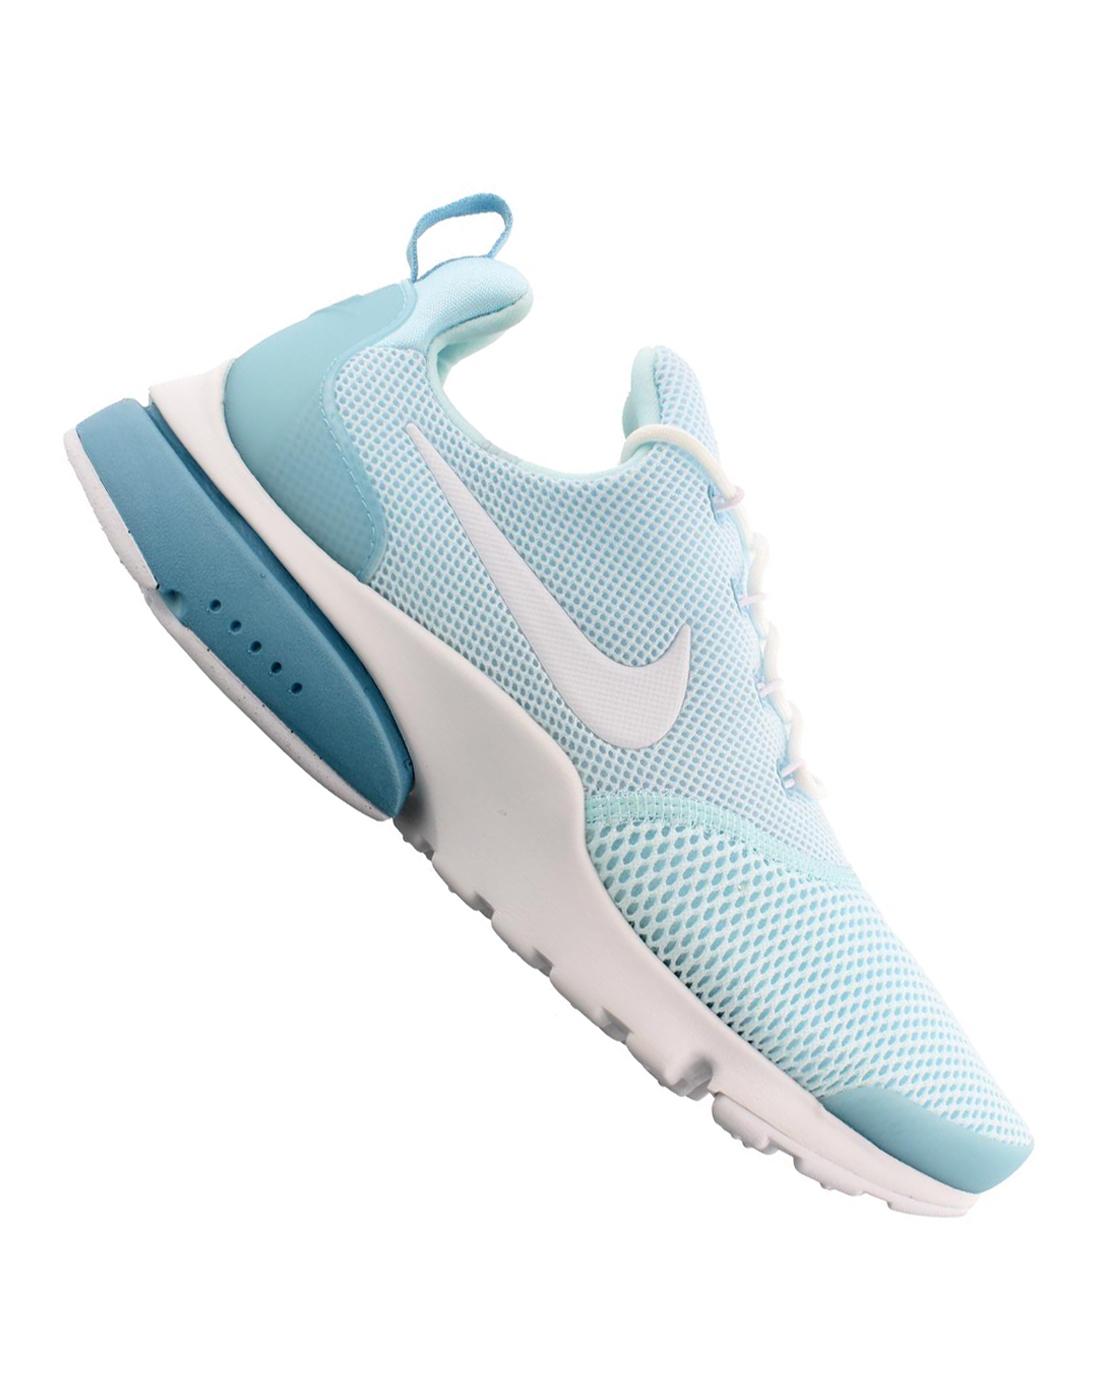 0379eb7b5a86 Nike Womens Presto Fly